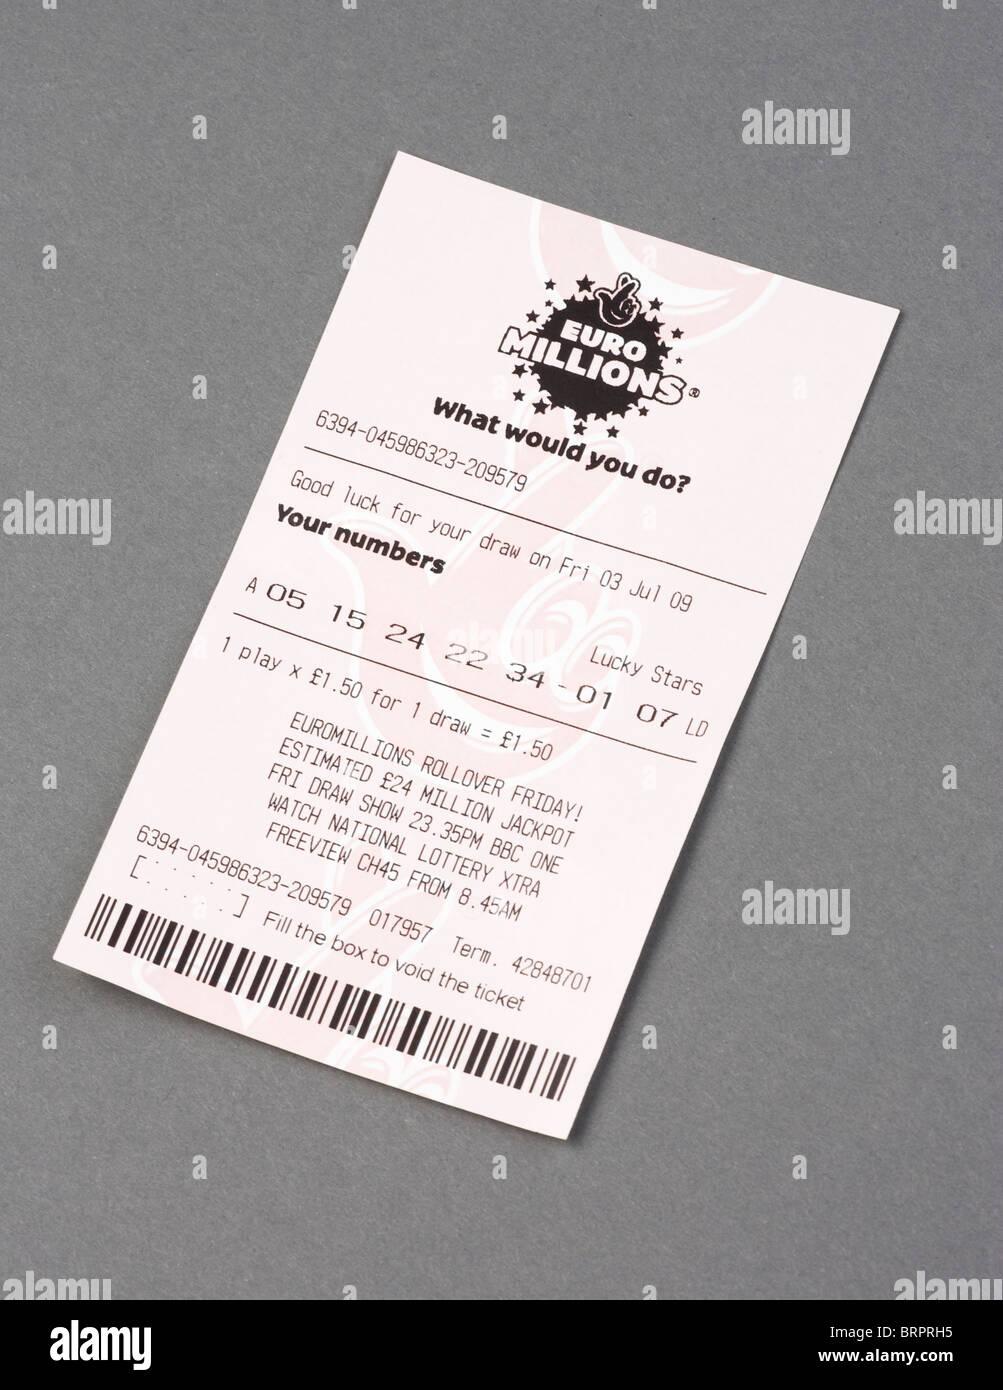 Euro Millions Stock Photos & Euro Millions Stock Images - Alamy